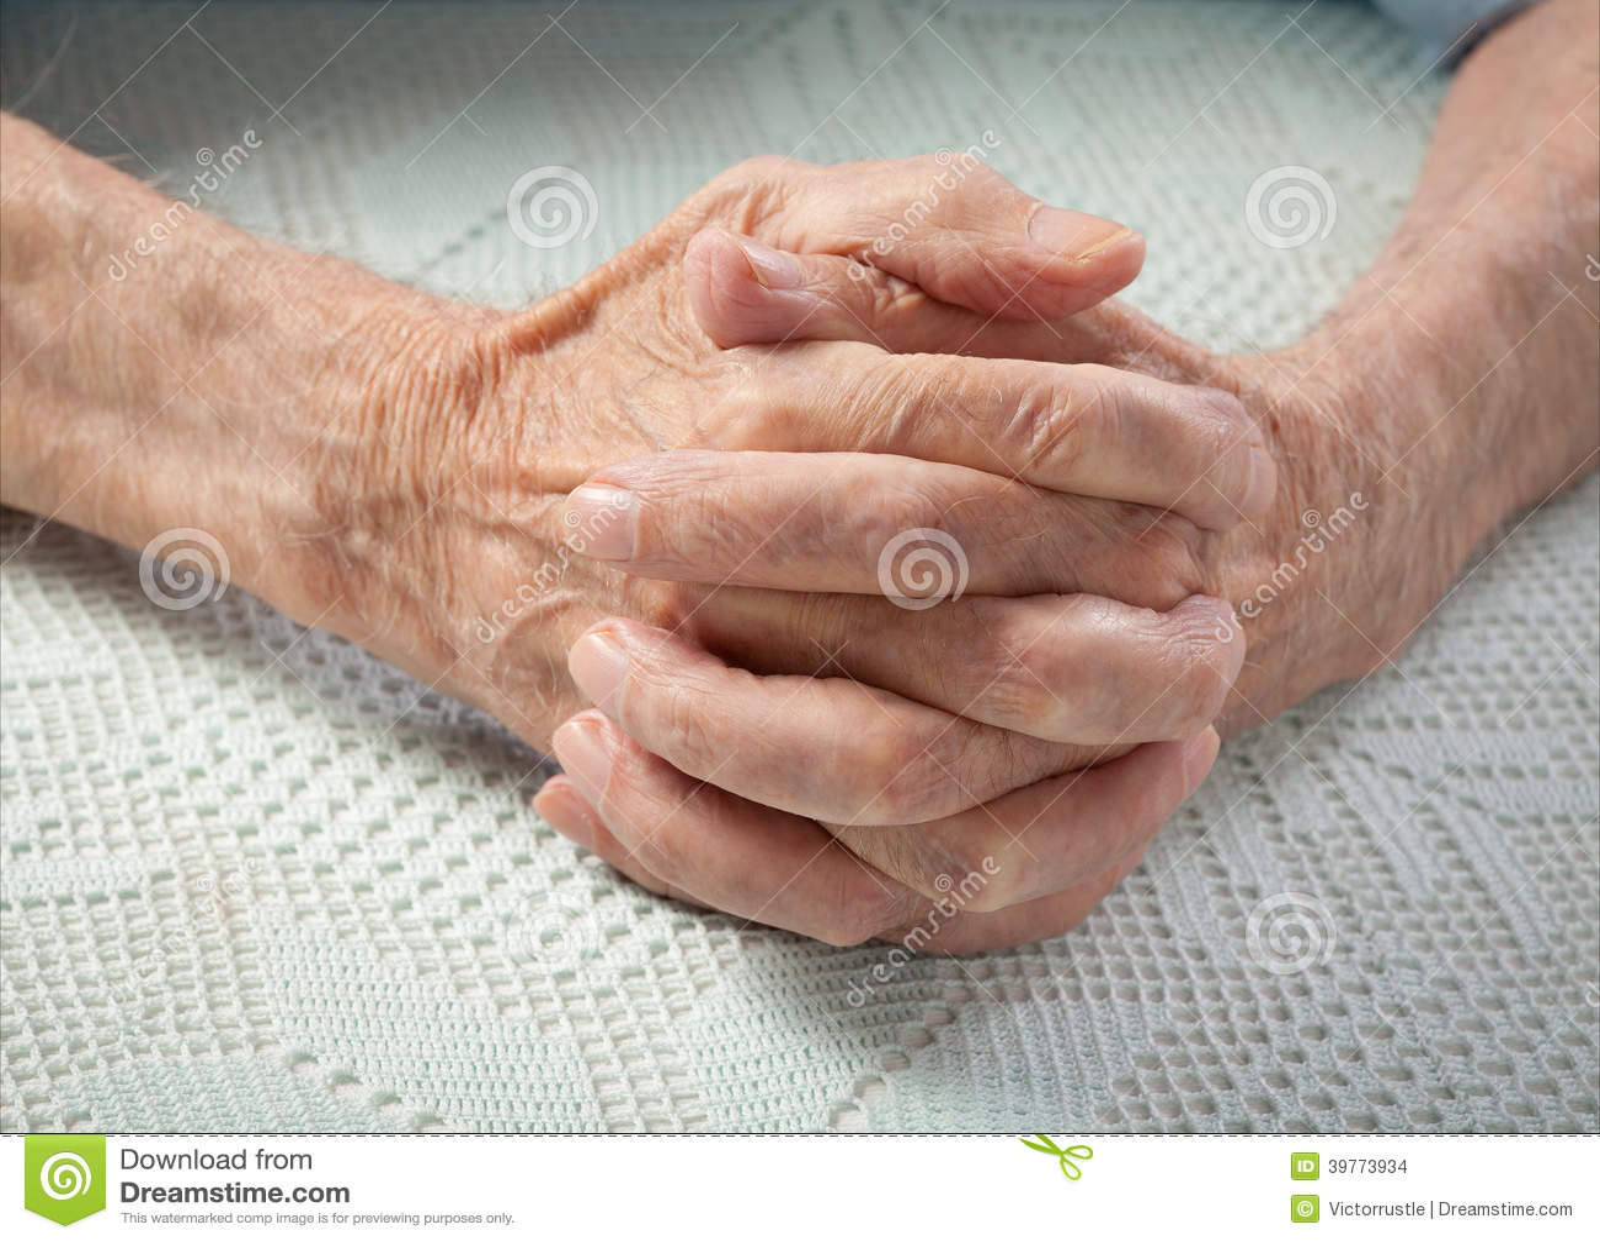 le soin est la maison des personnes g es personnes g es tenant des mains photo stock. Black Bedroom Furniture Sets. Home Design Ideas